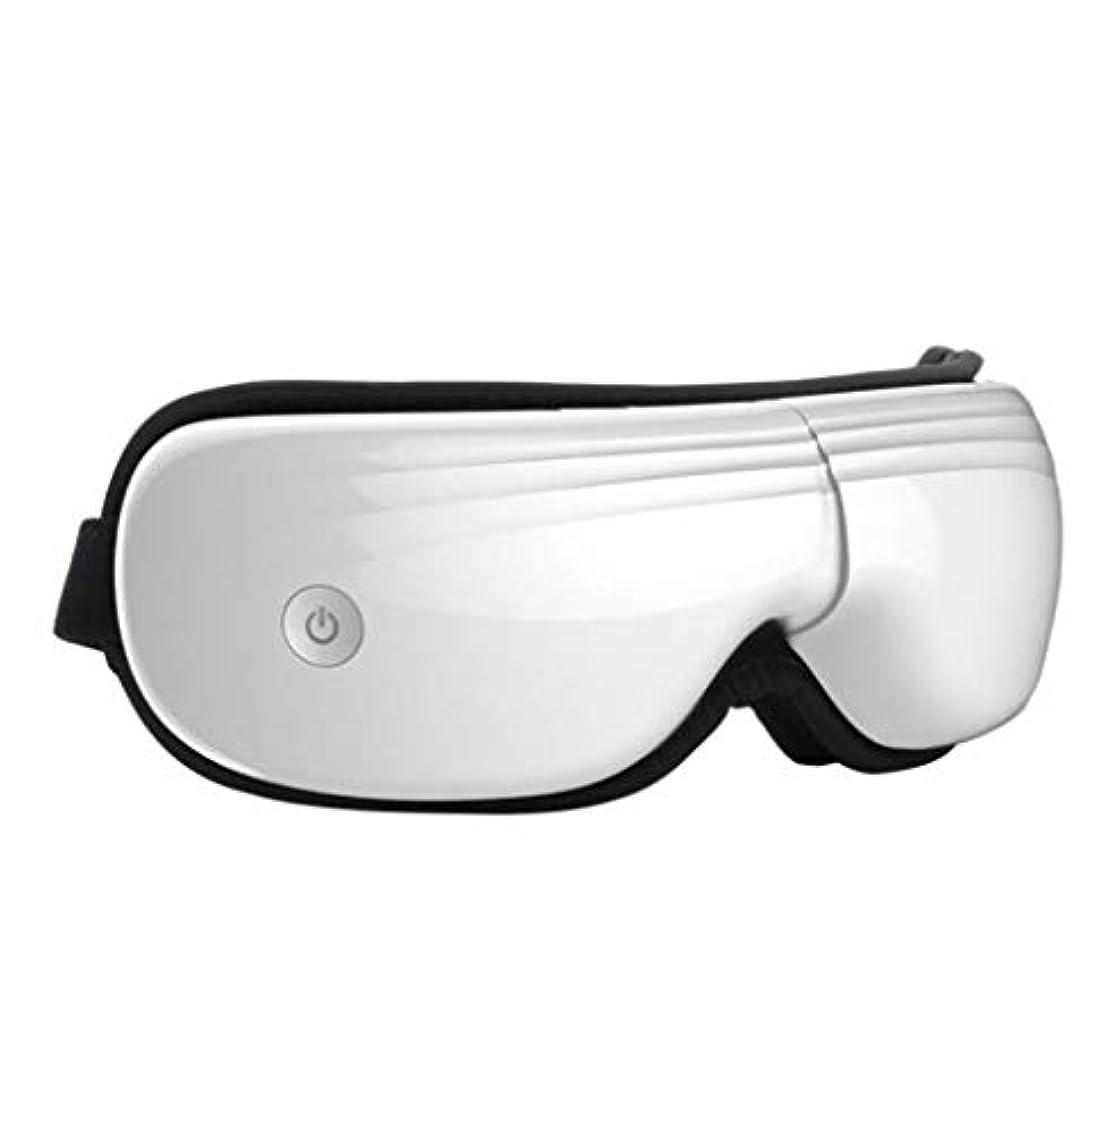 接触引き付ける将来のアイマッサージャー、充電式ポータブルアイマッサージツール、スマート、音楽リラクゼーション、暖房、振動、空気圧縮、視力保護、疲労回復、睡眠促進 (Color : 白)